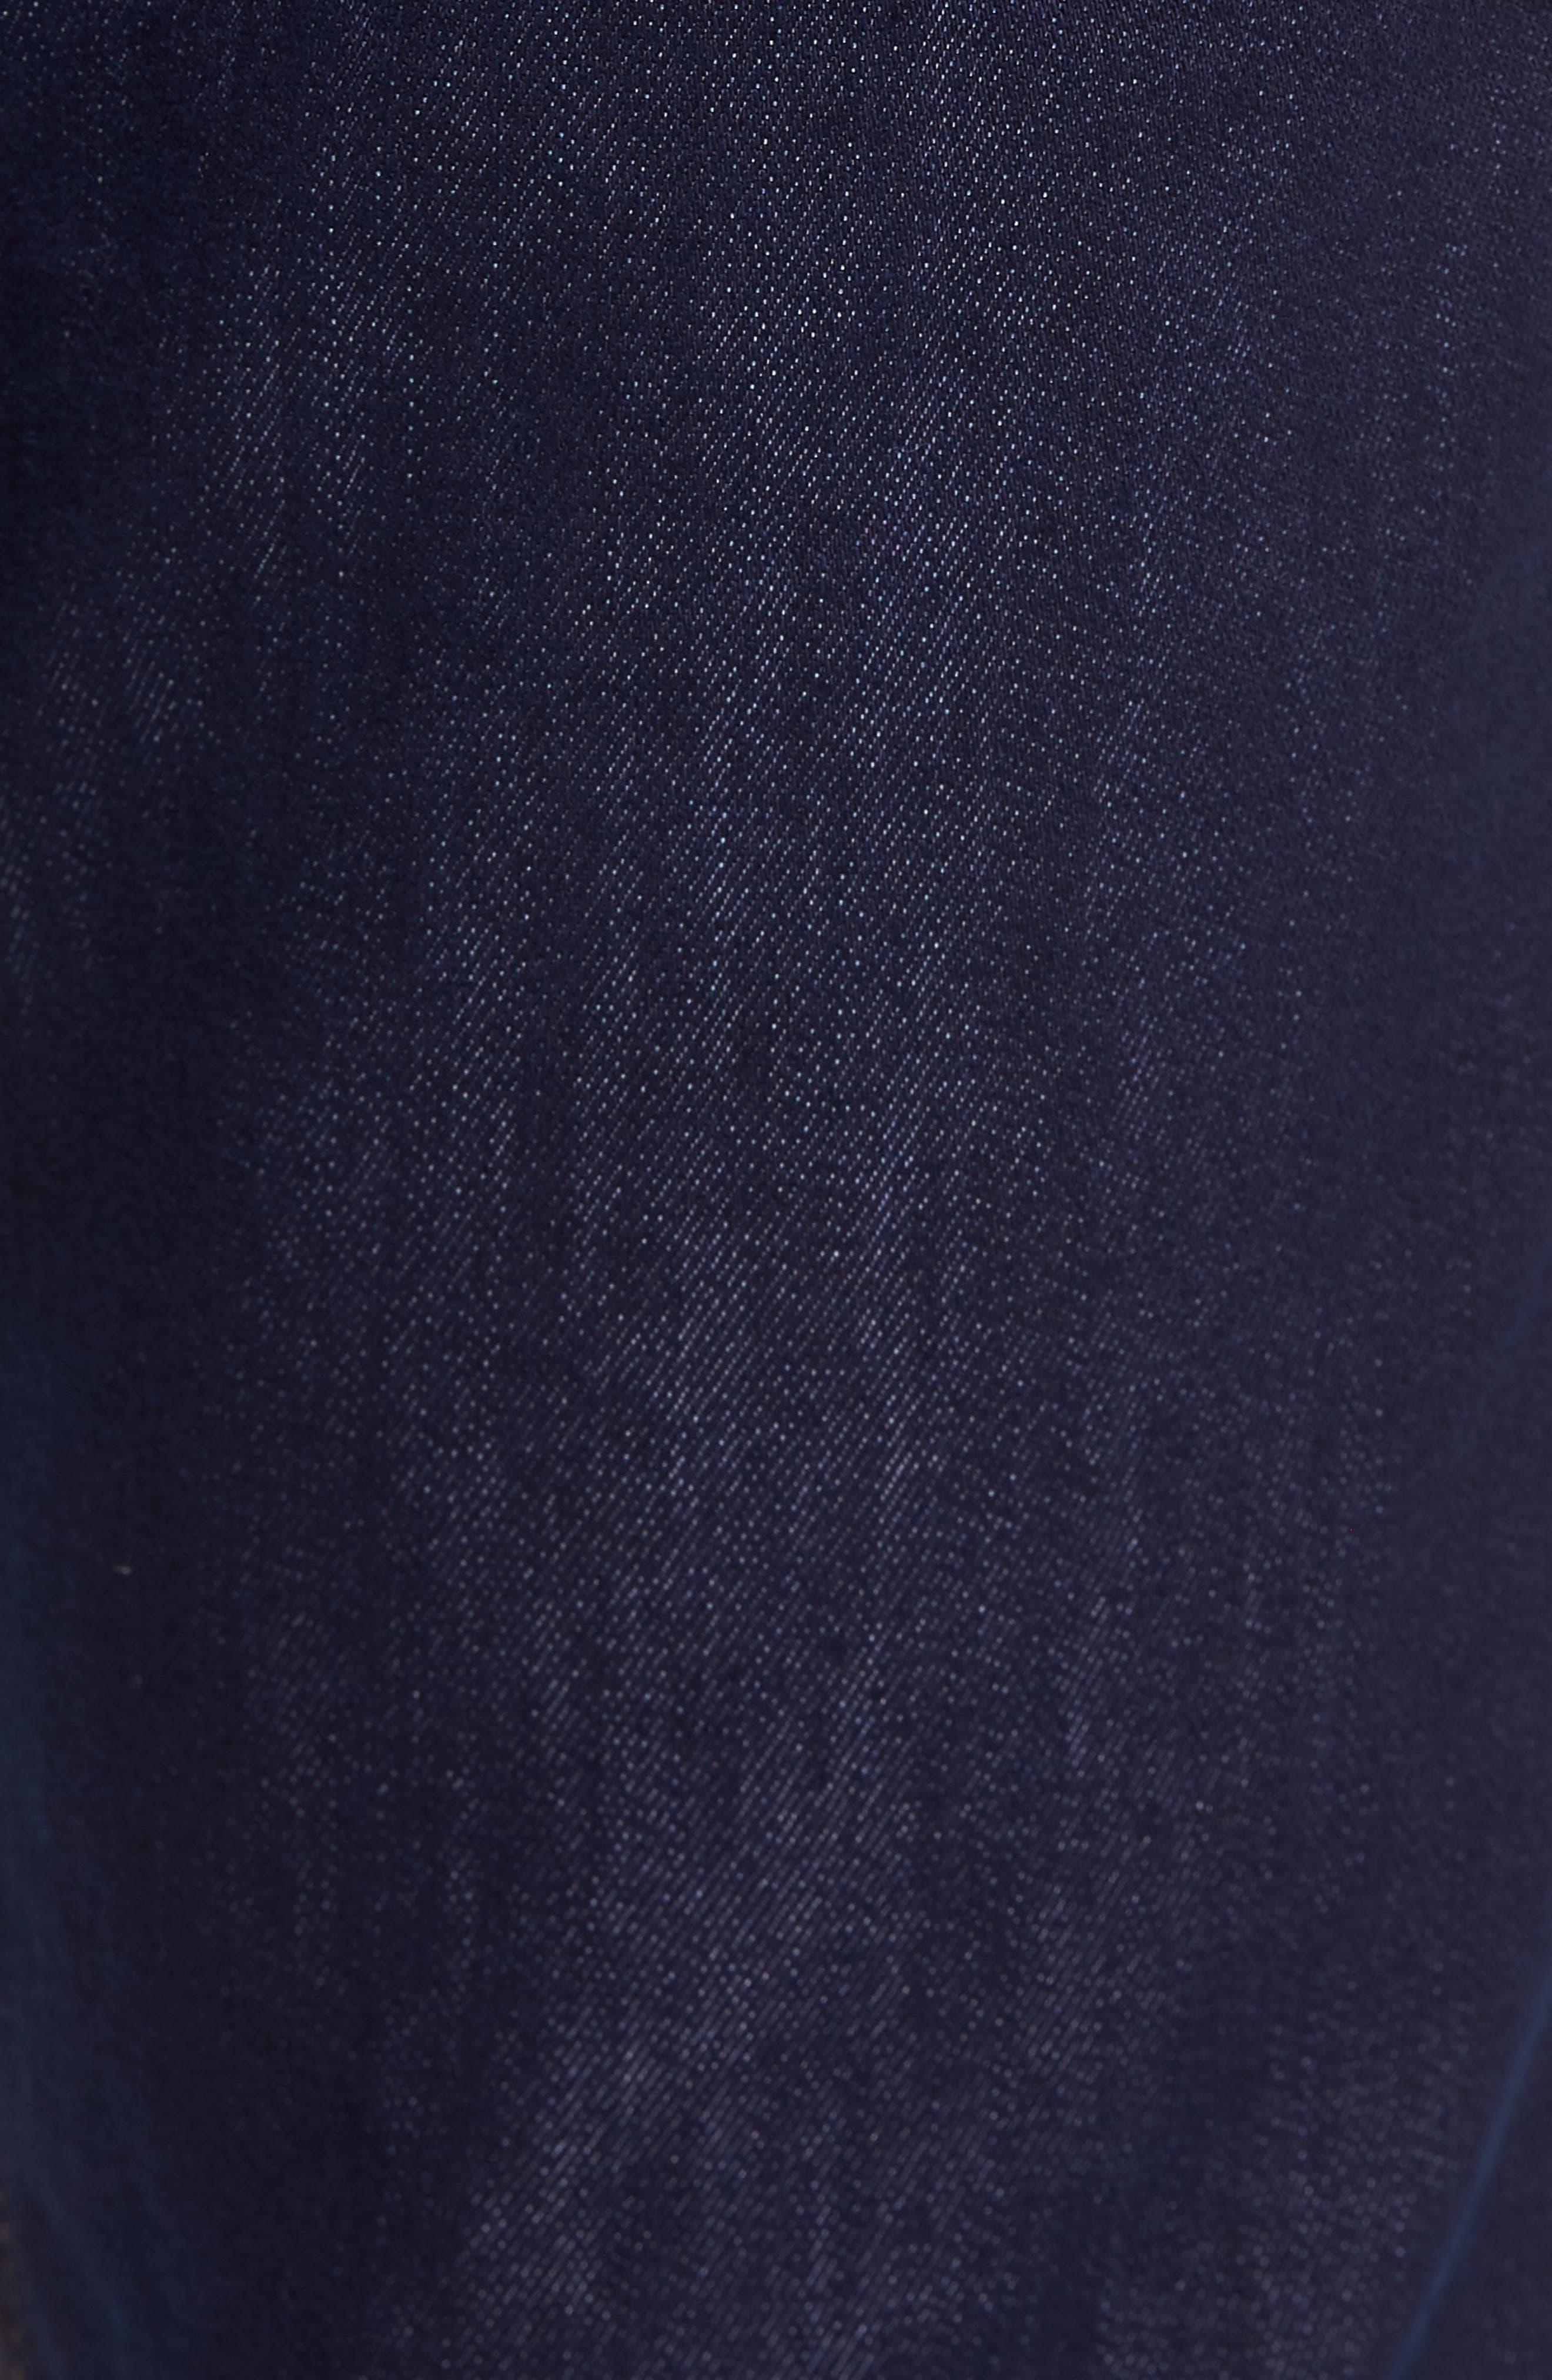 Straight Leg Performance Jeans,                             Alternate thumbnail 5, color,                             DARK DENIM